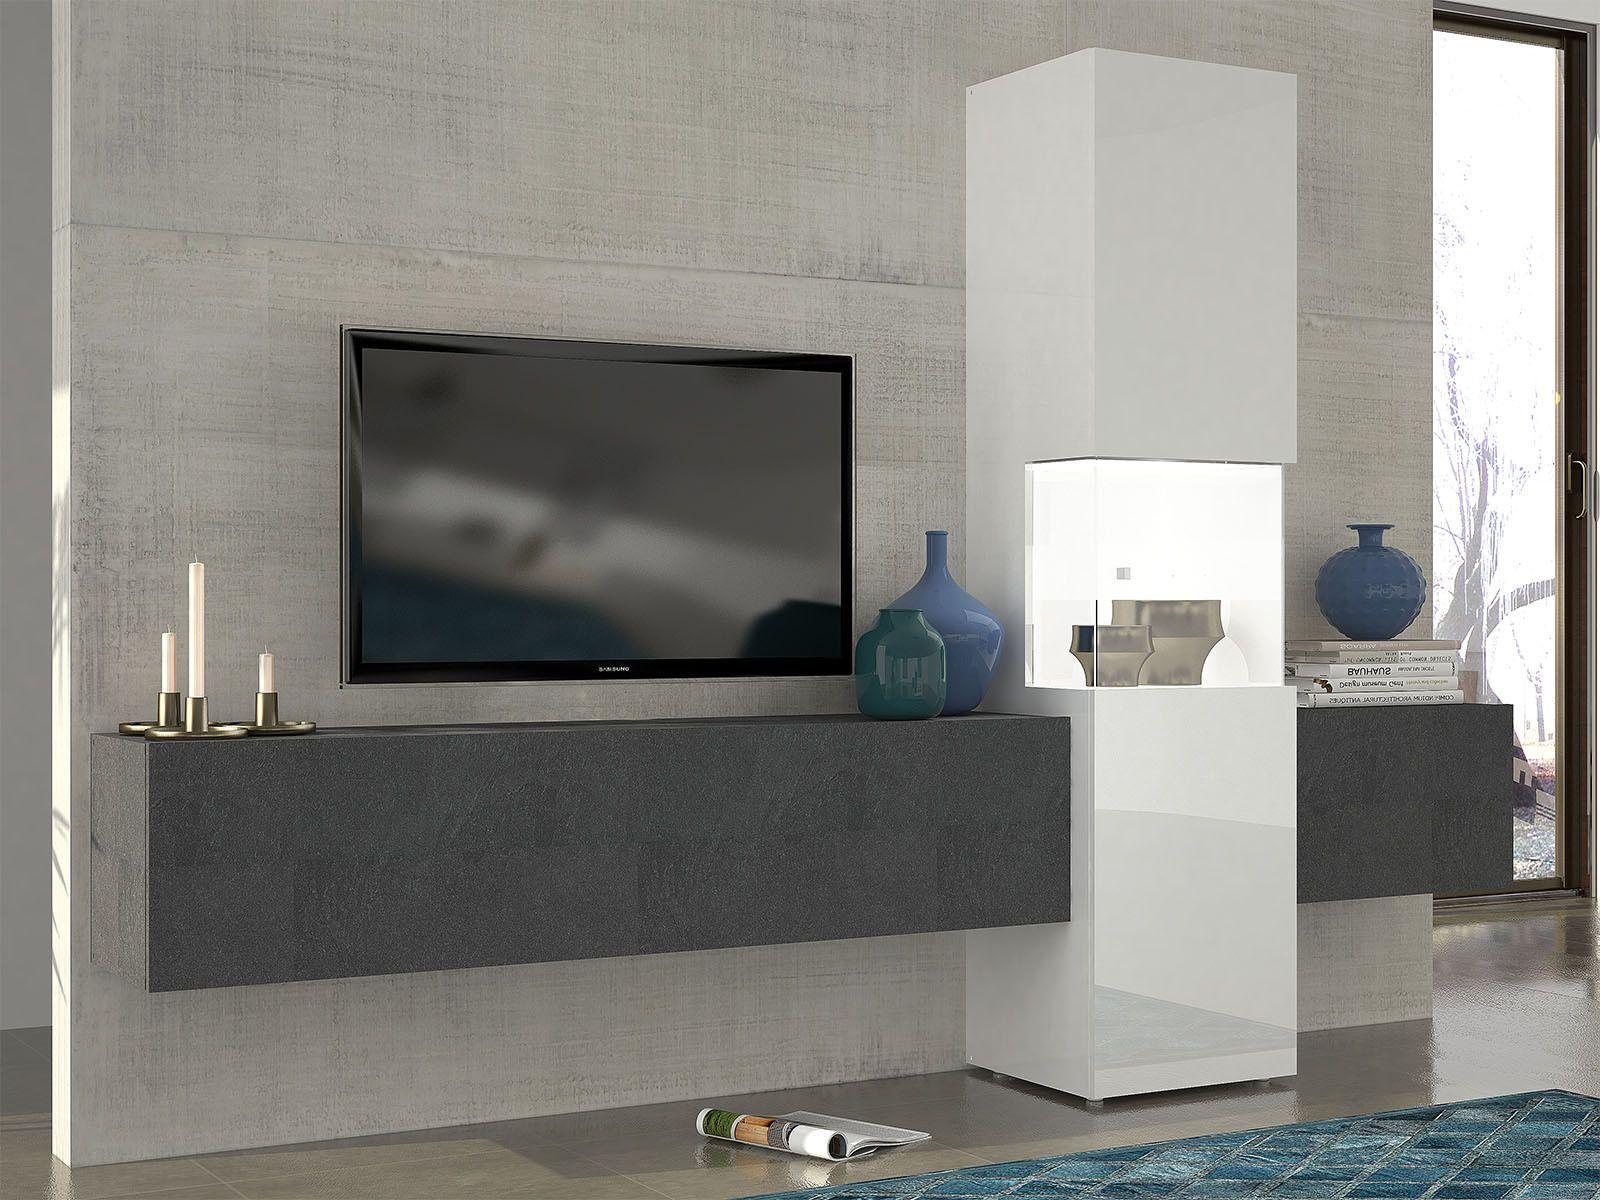 Wohnwand Mediawand Wohnzimmerschrank Fernsehschrank Tv Schrank Incontro I Wohnzimmerschranke Wohnen Fernsehschrank